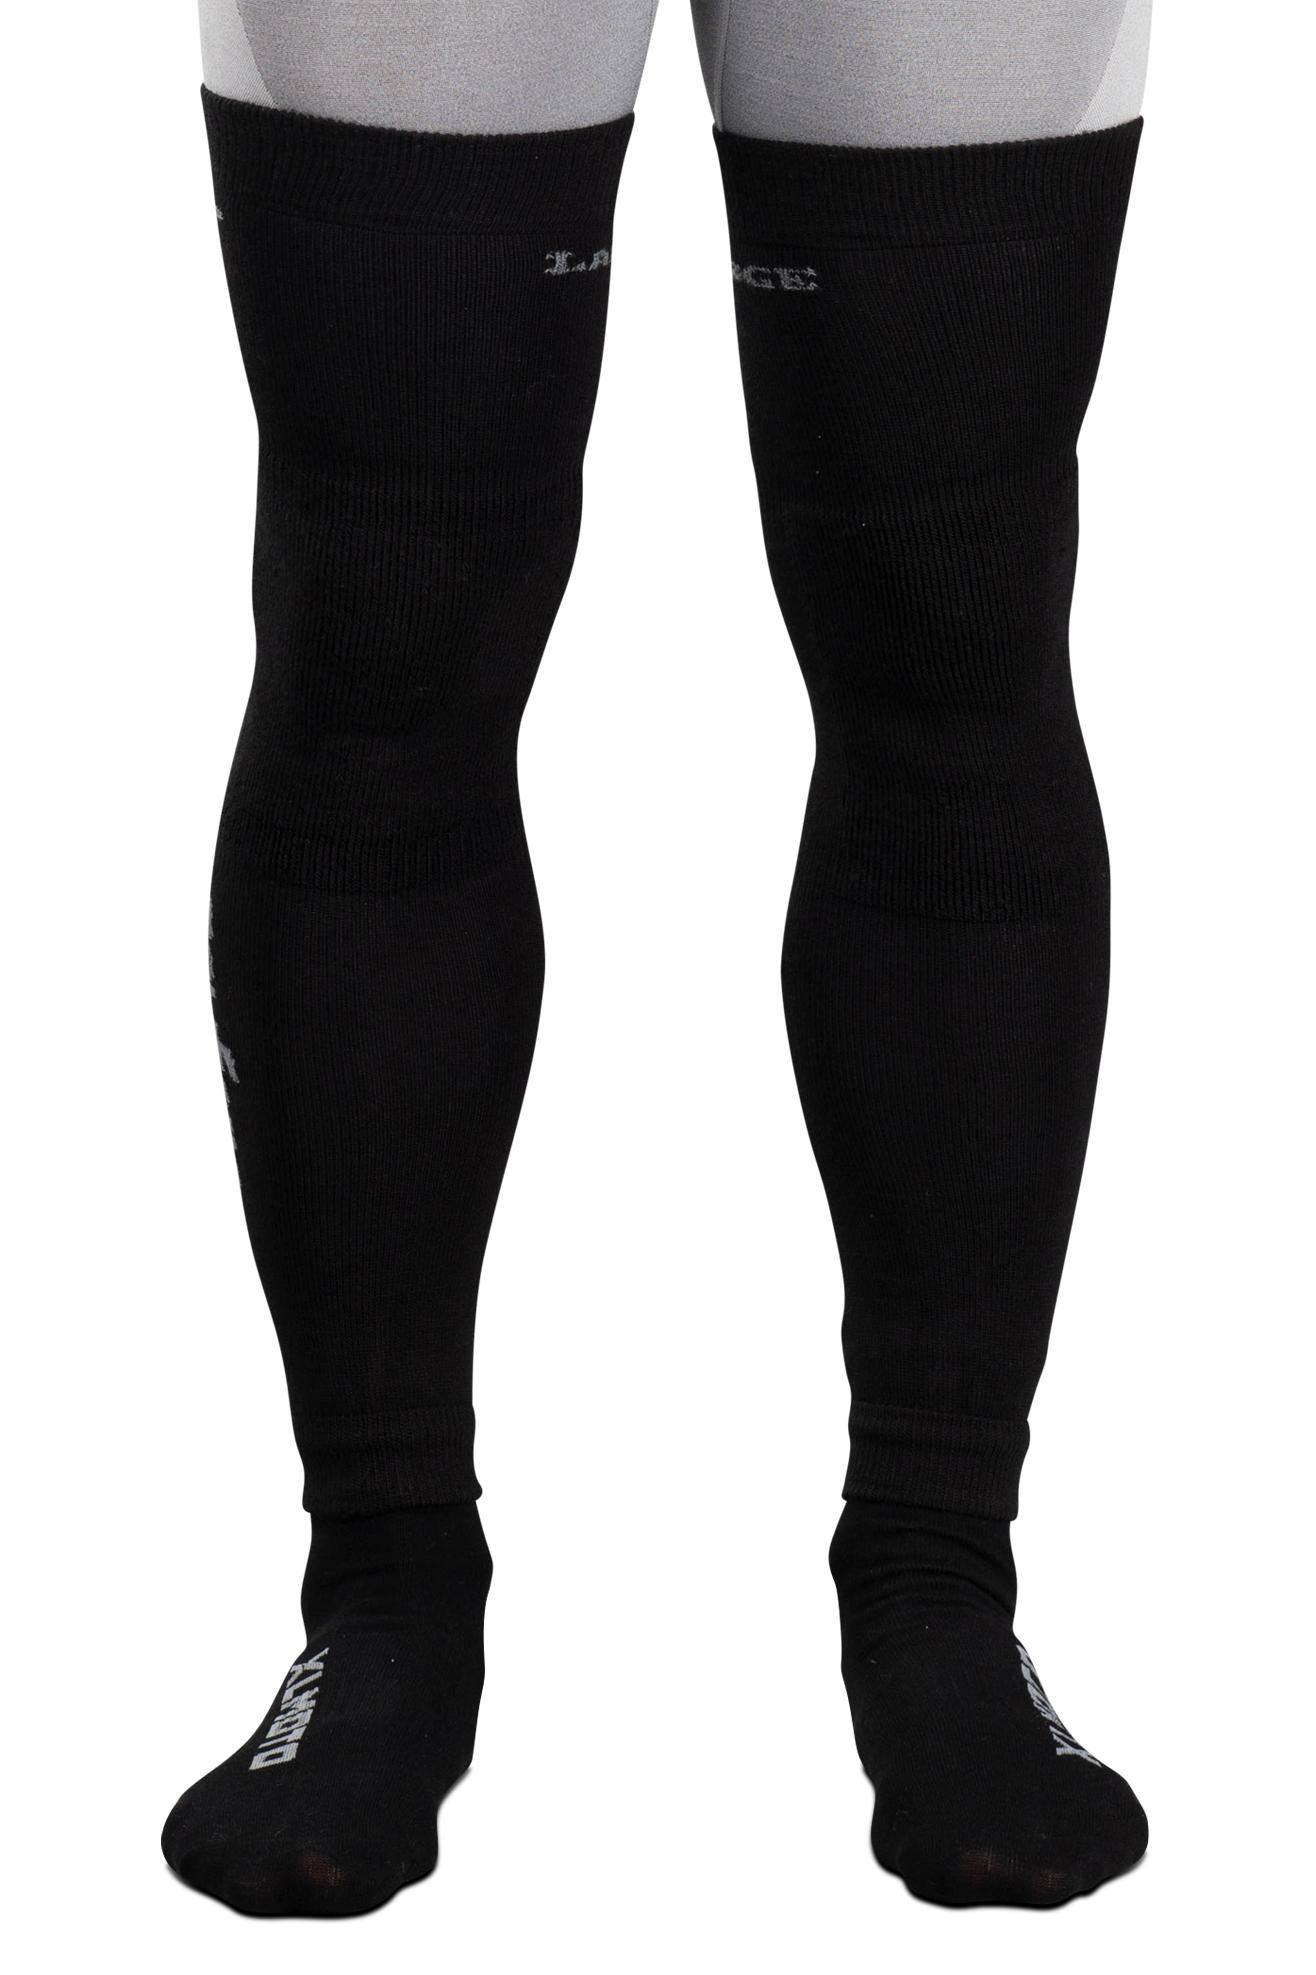 Spidi Pantalones Interiores  KT 12 Thermo Legging